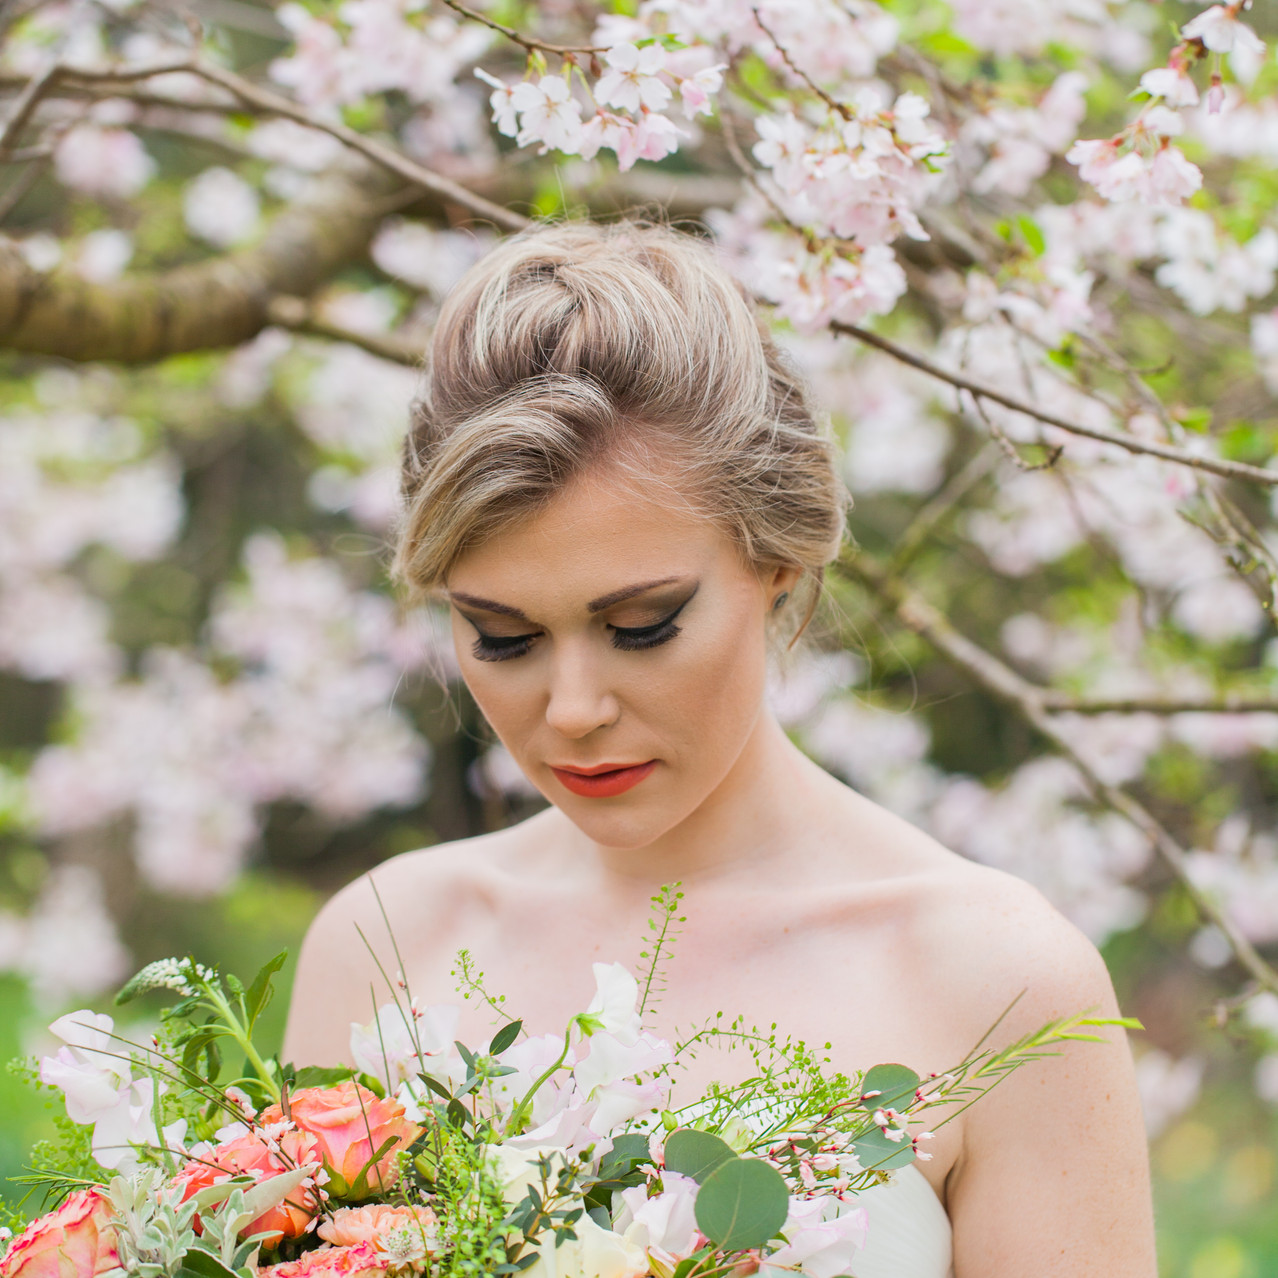 Bride In The Blossom